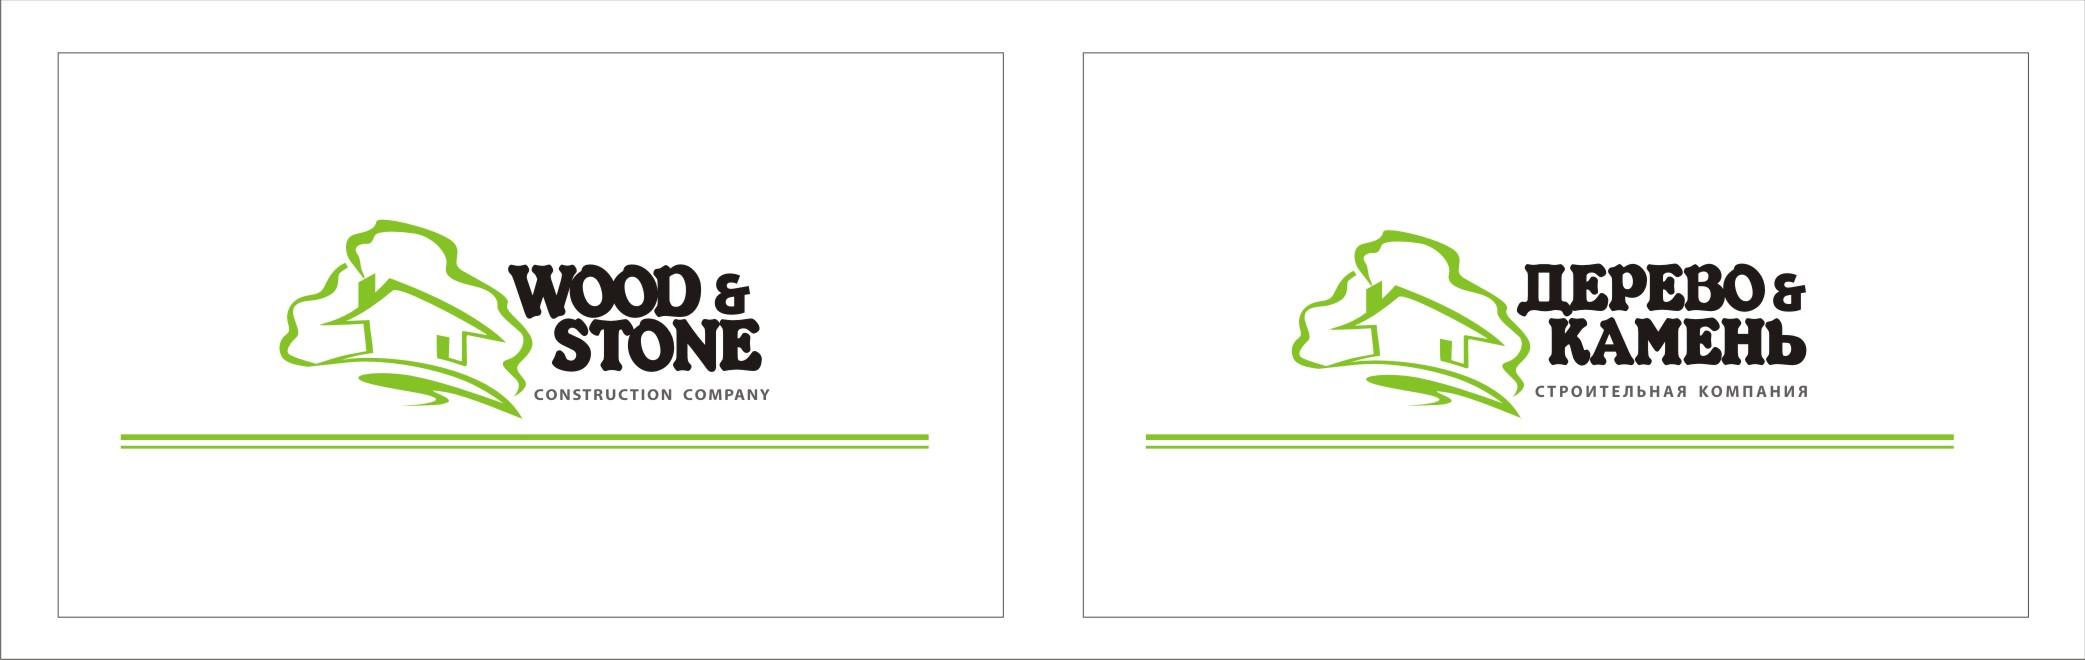 Логотип и Фирменный стиль фото f_070549bd45a286e9.jpg